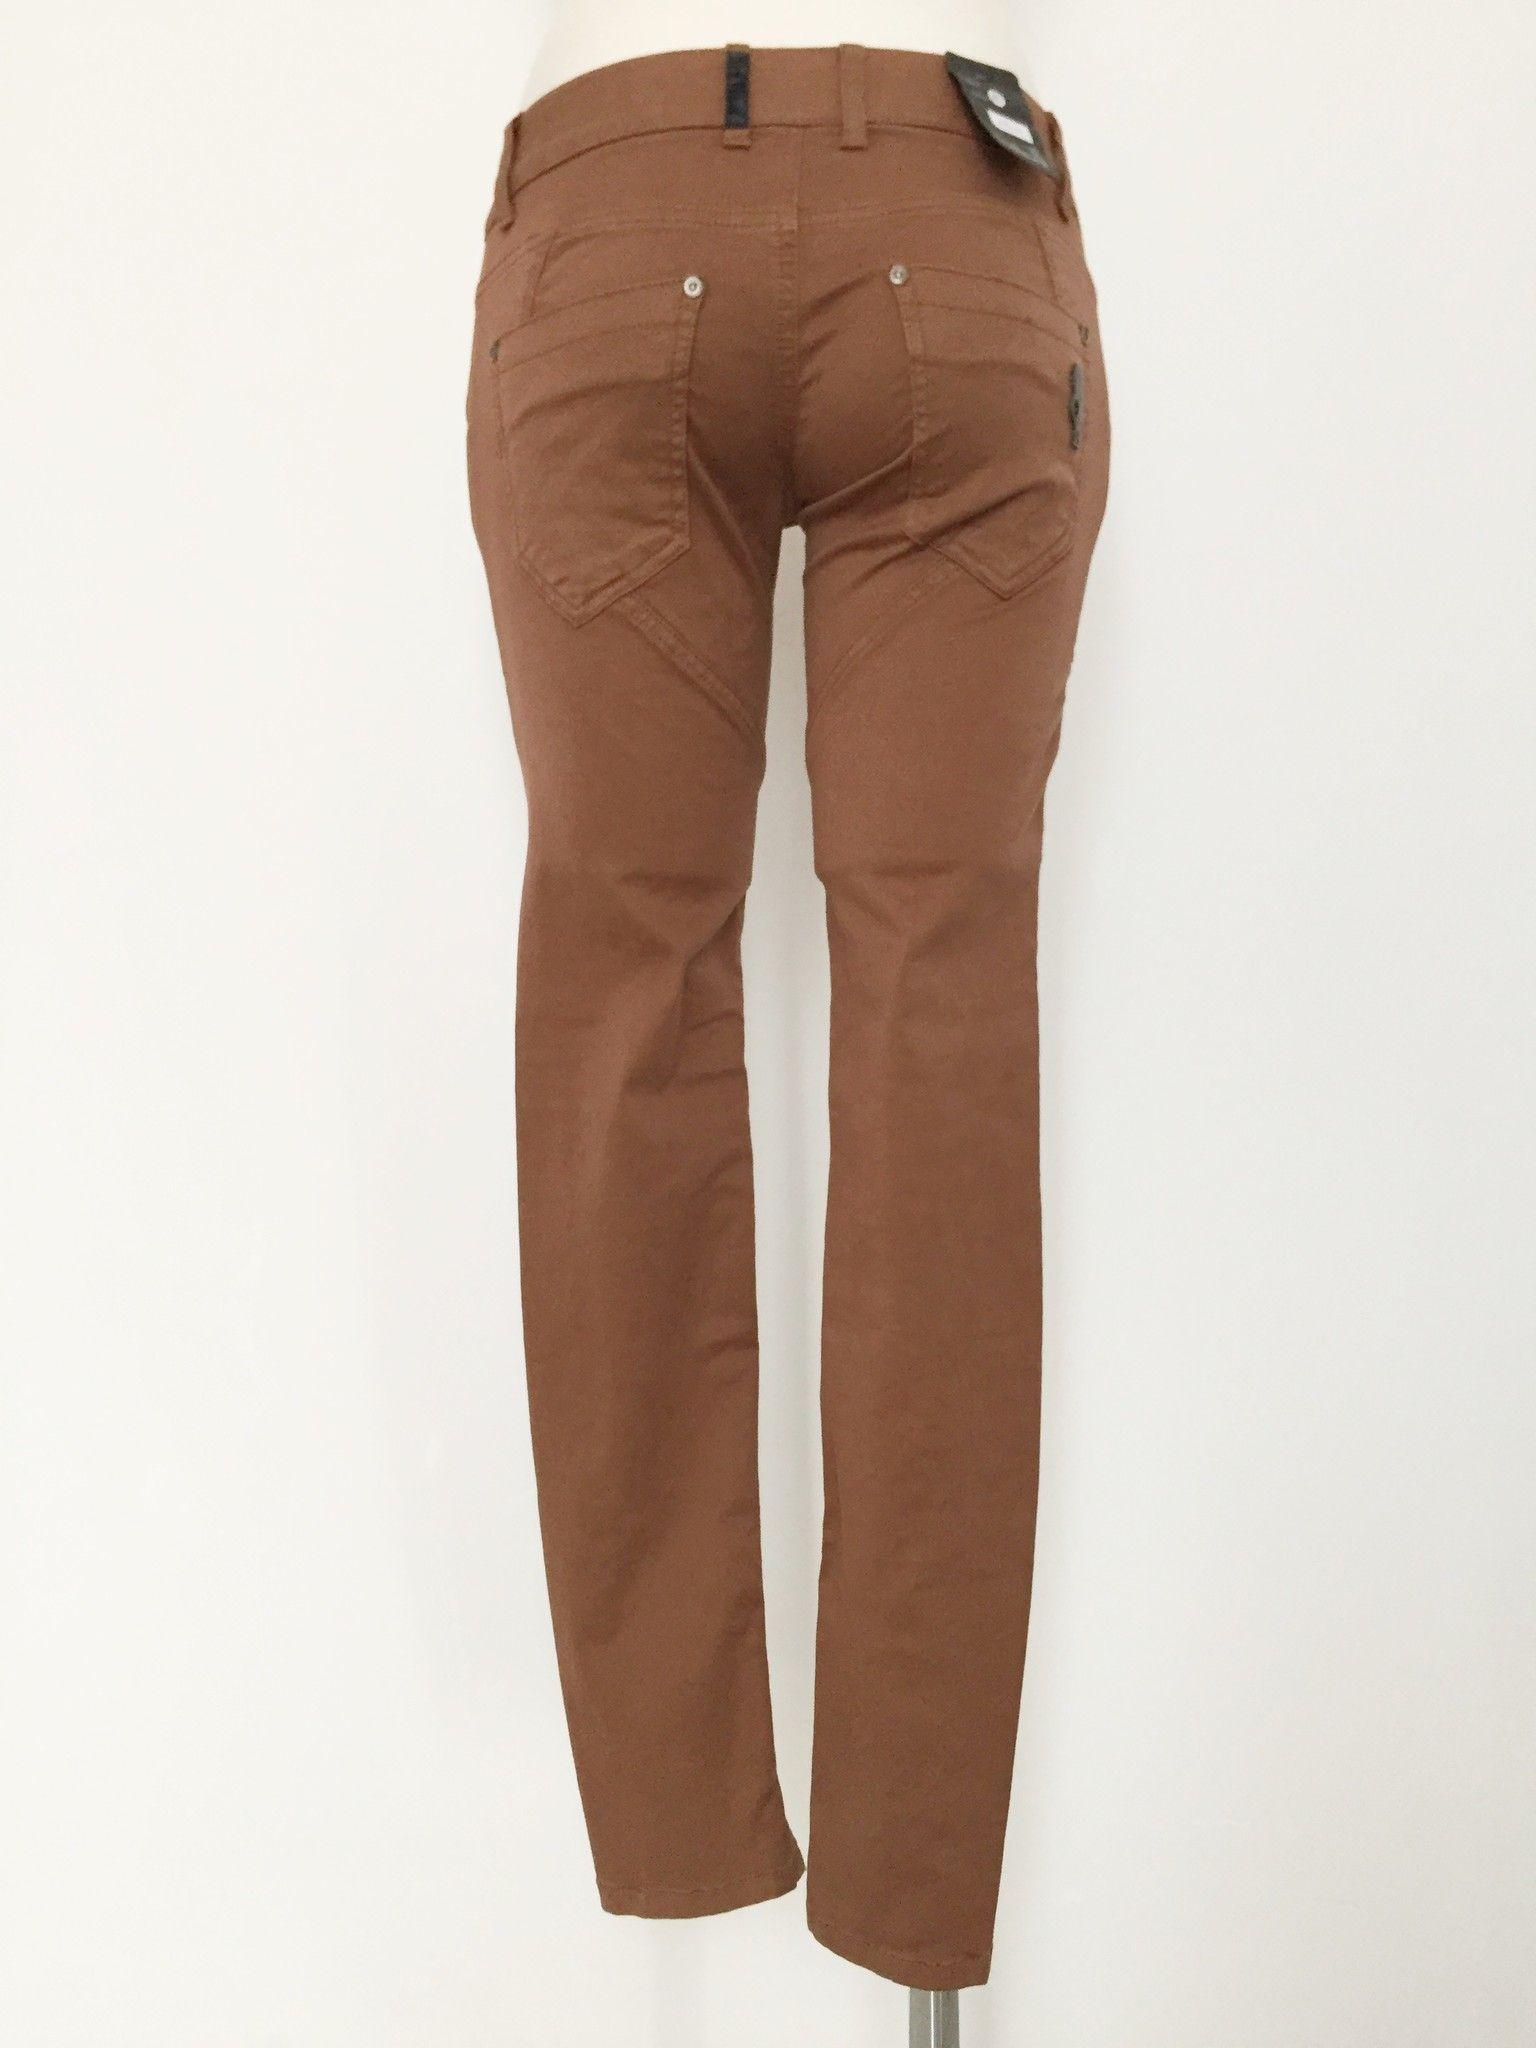 Jeans Sexy Woman Lungo Allacciatura con Bottoni Cod.P1148161